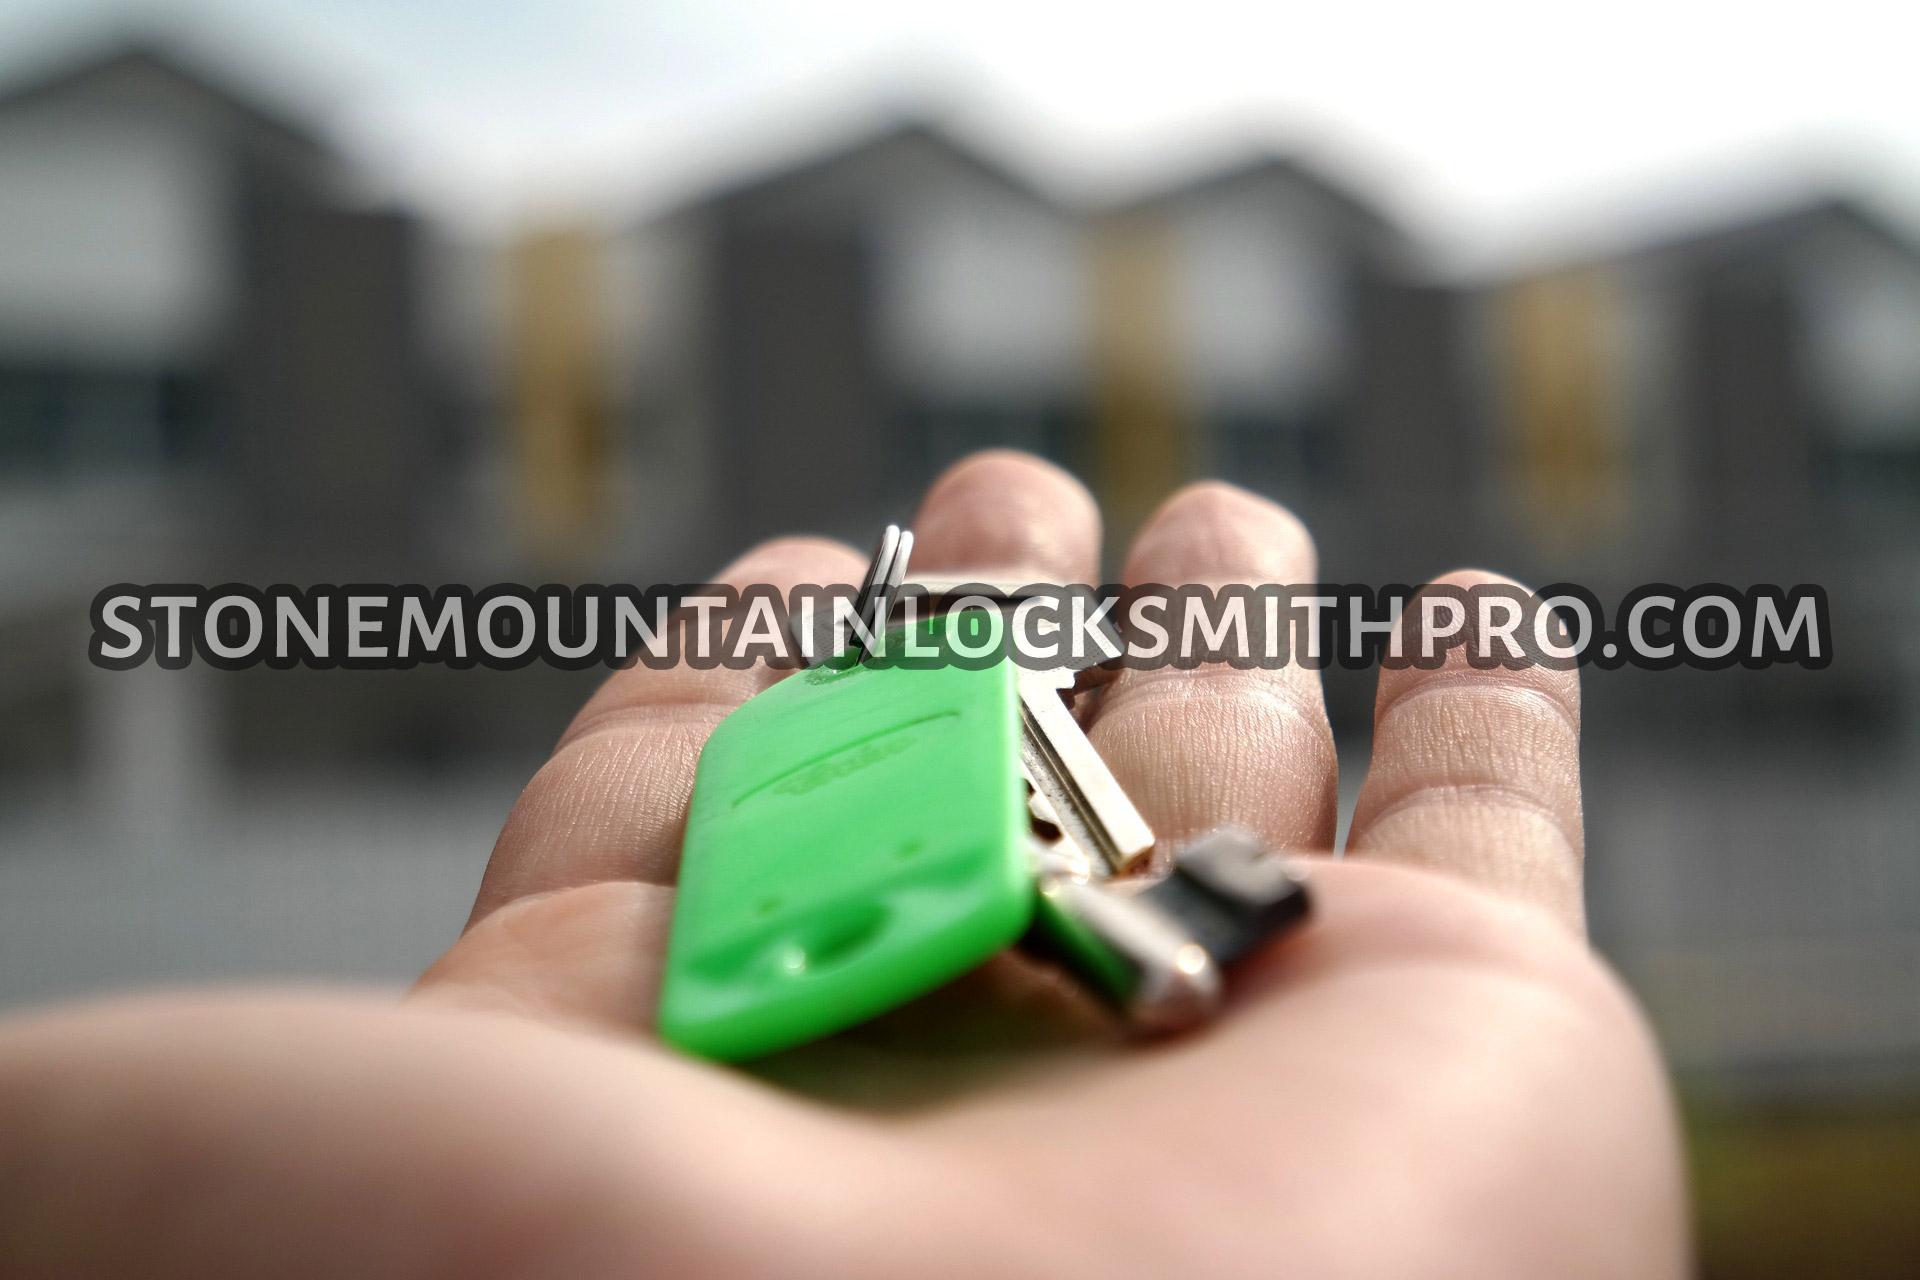 Stone MountainLocksmith Pro